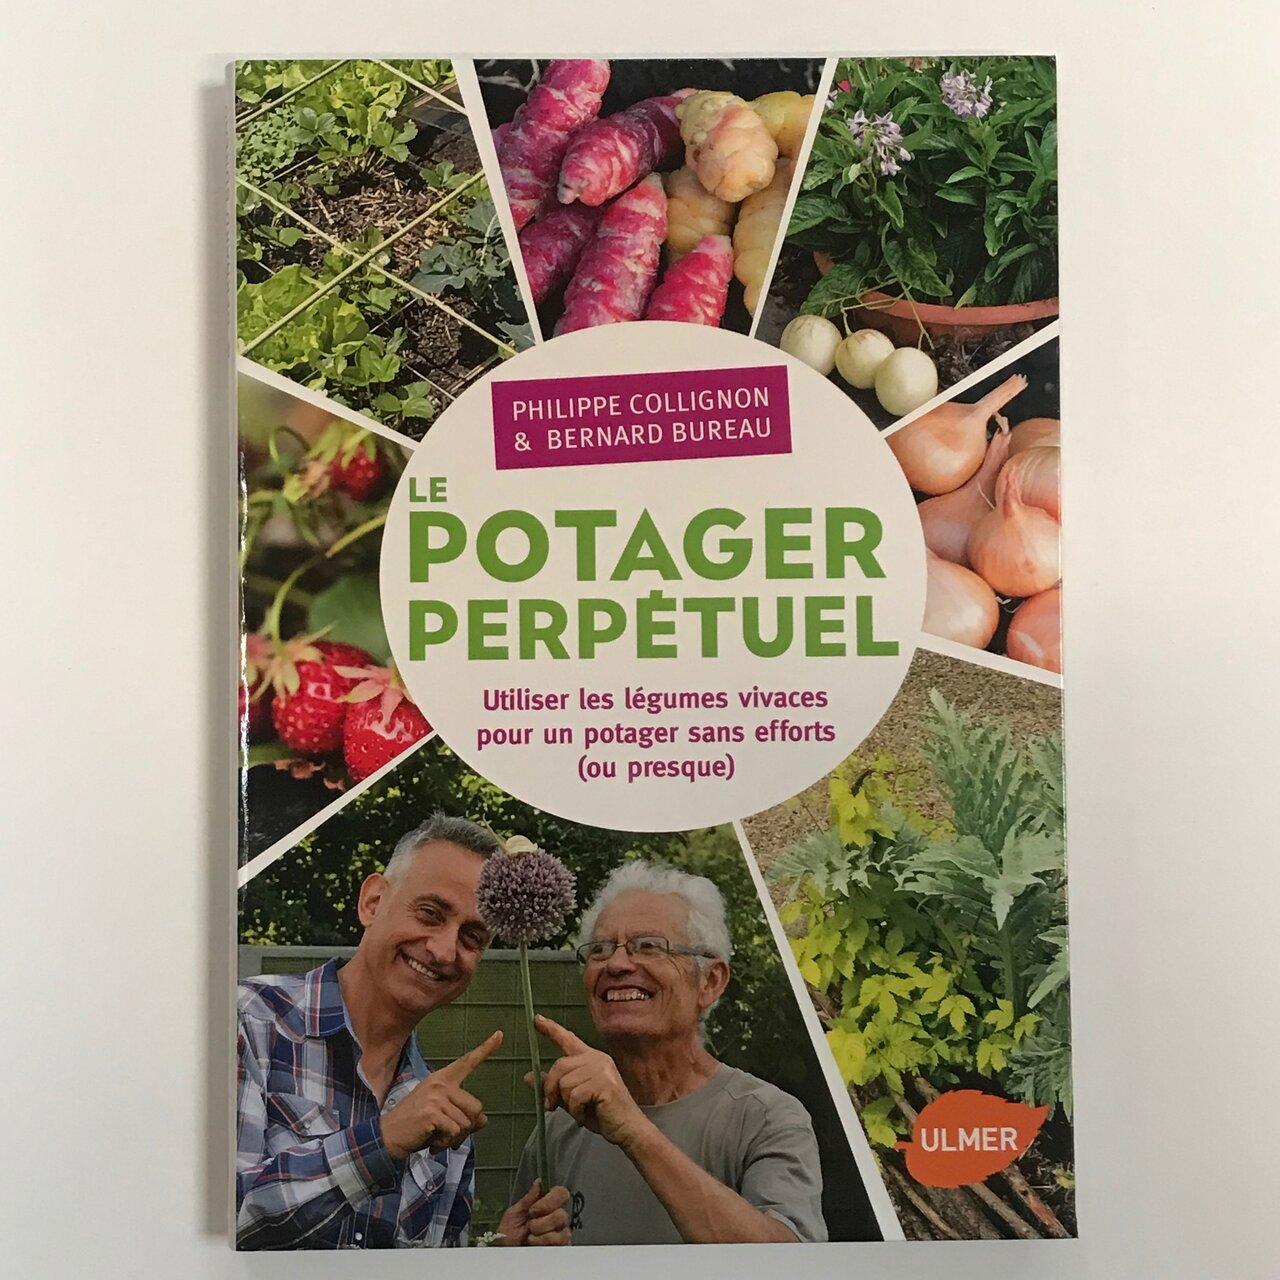 Jardinage - Le potager perpétuel